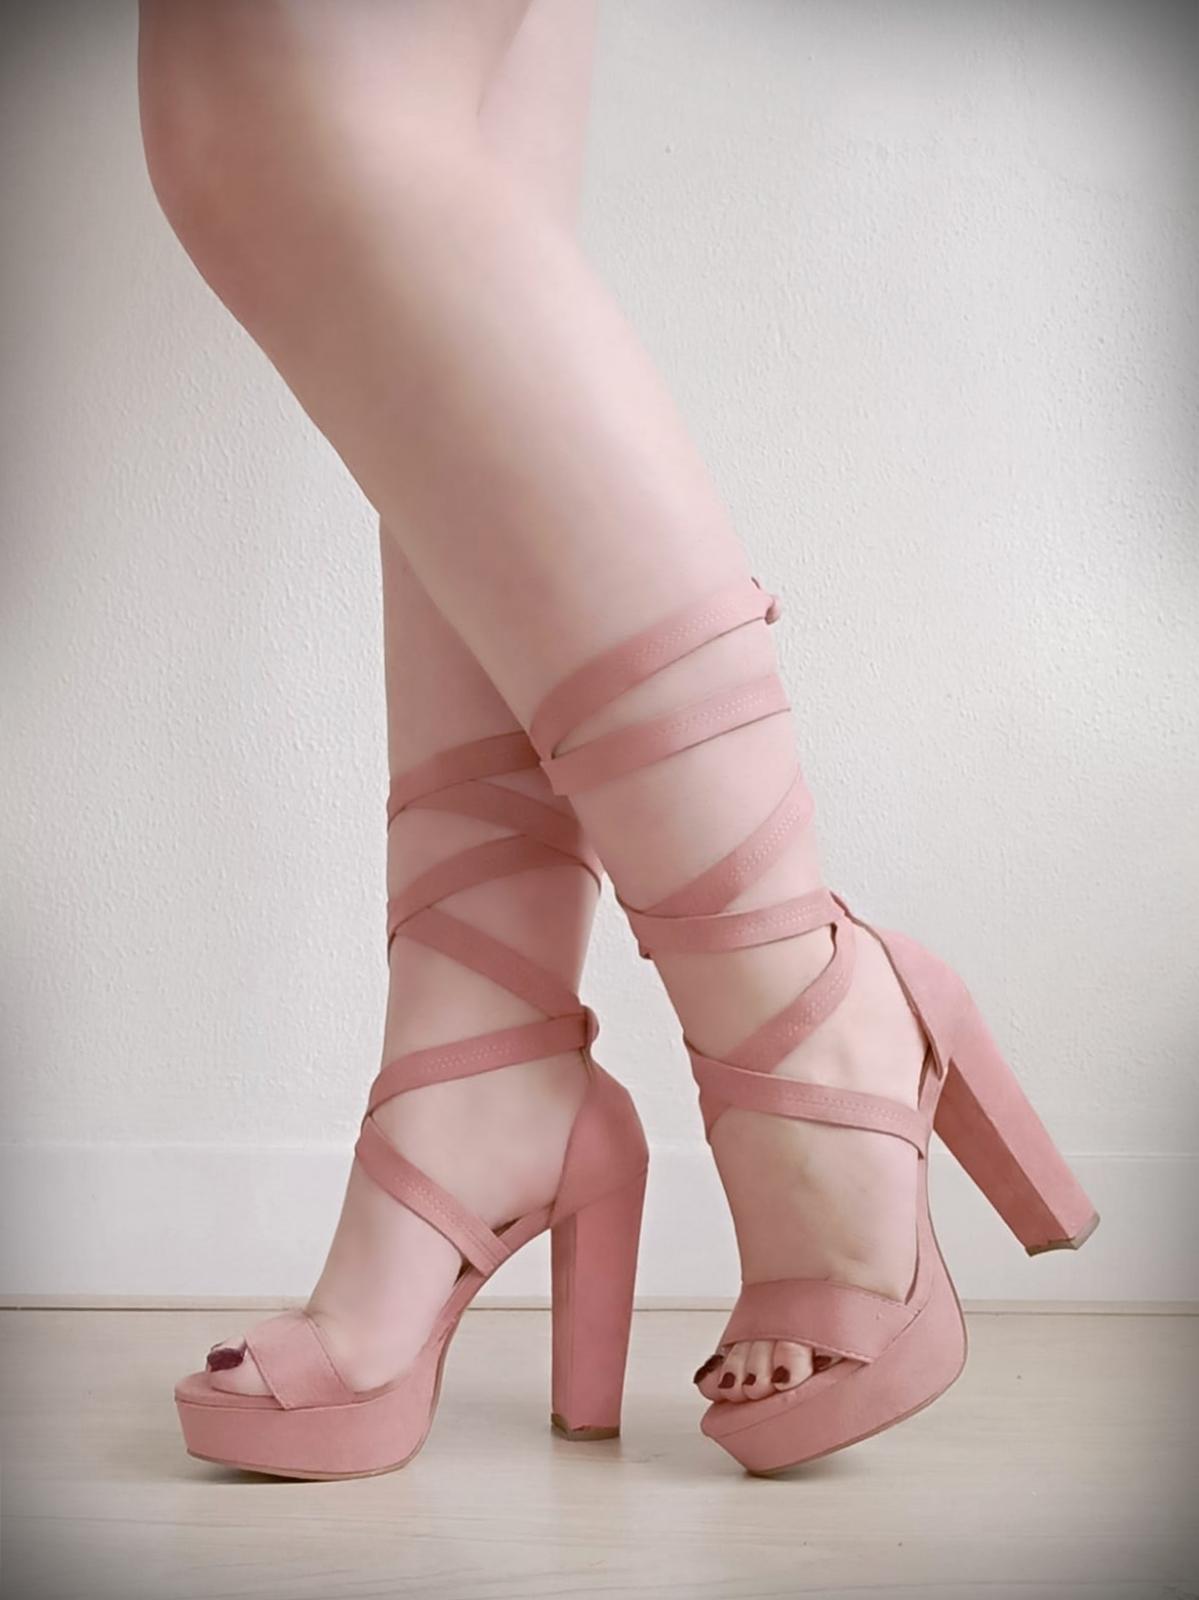 Sandalen in oud roze met lange banden - schaduw